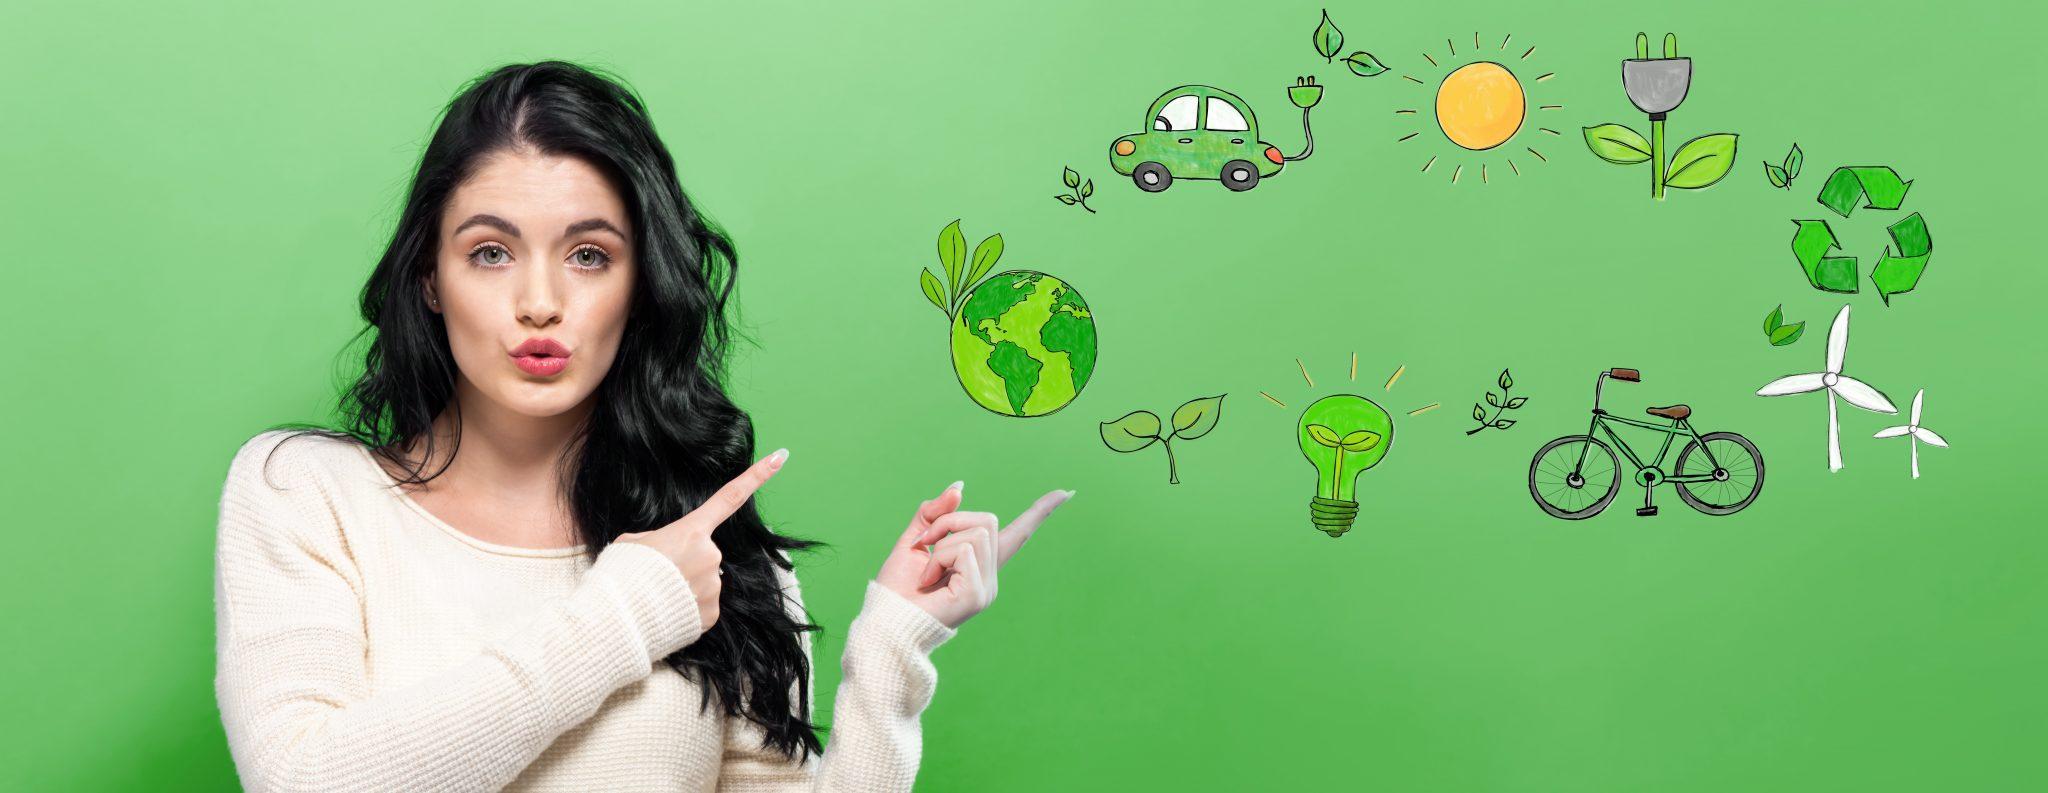 Frau die mit ihren Fingern auf eine grüne Welt, ein grünes Fahrrad, auf Windräder und auf eine Sonne zeigt